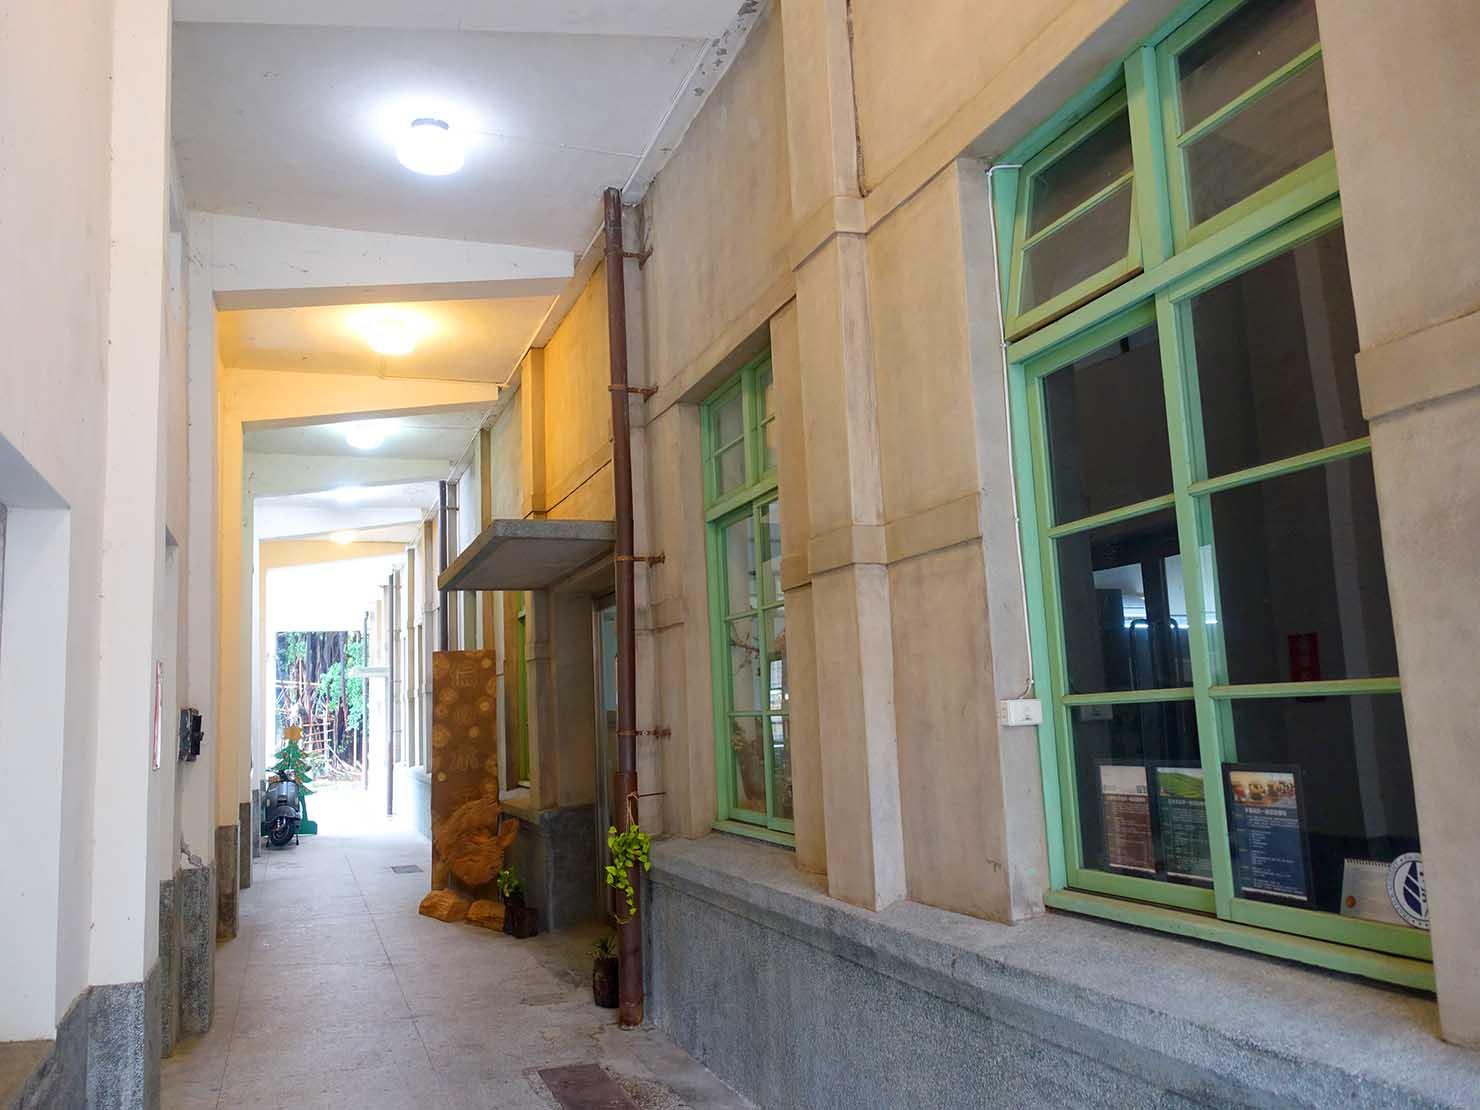 嘉義のおすすめ観光スポット「嘉義文創園區」の廊下